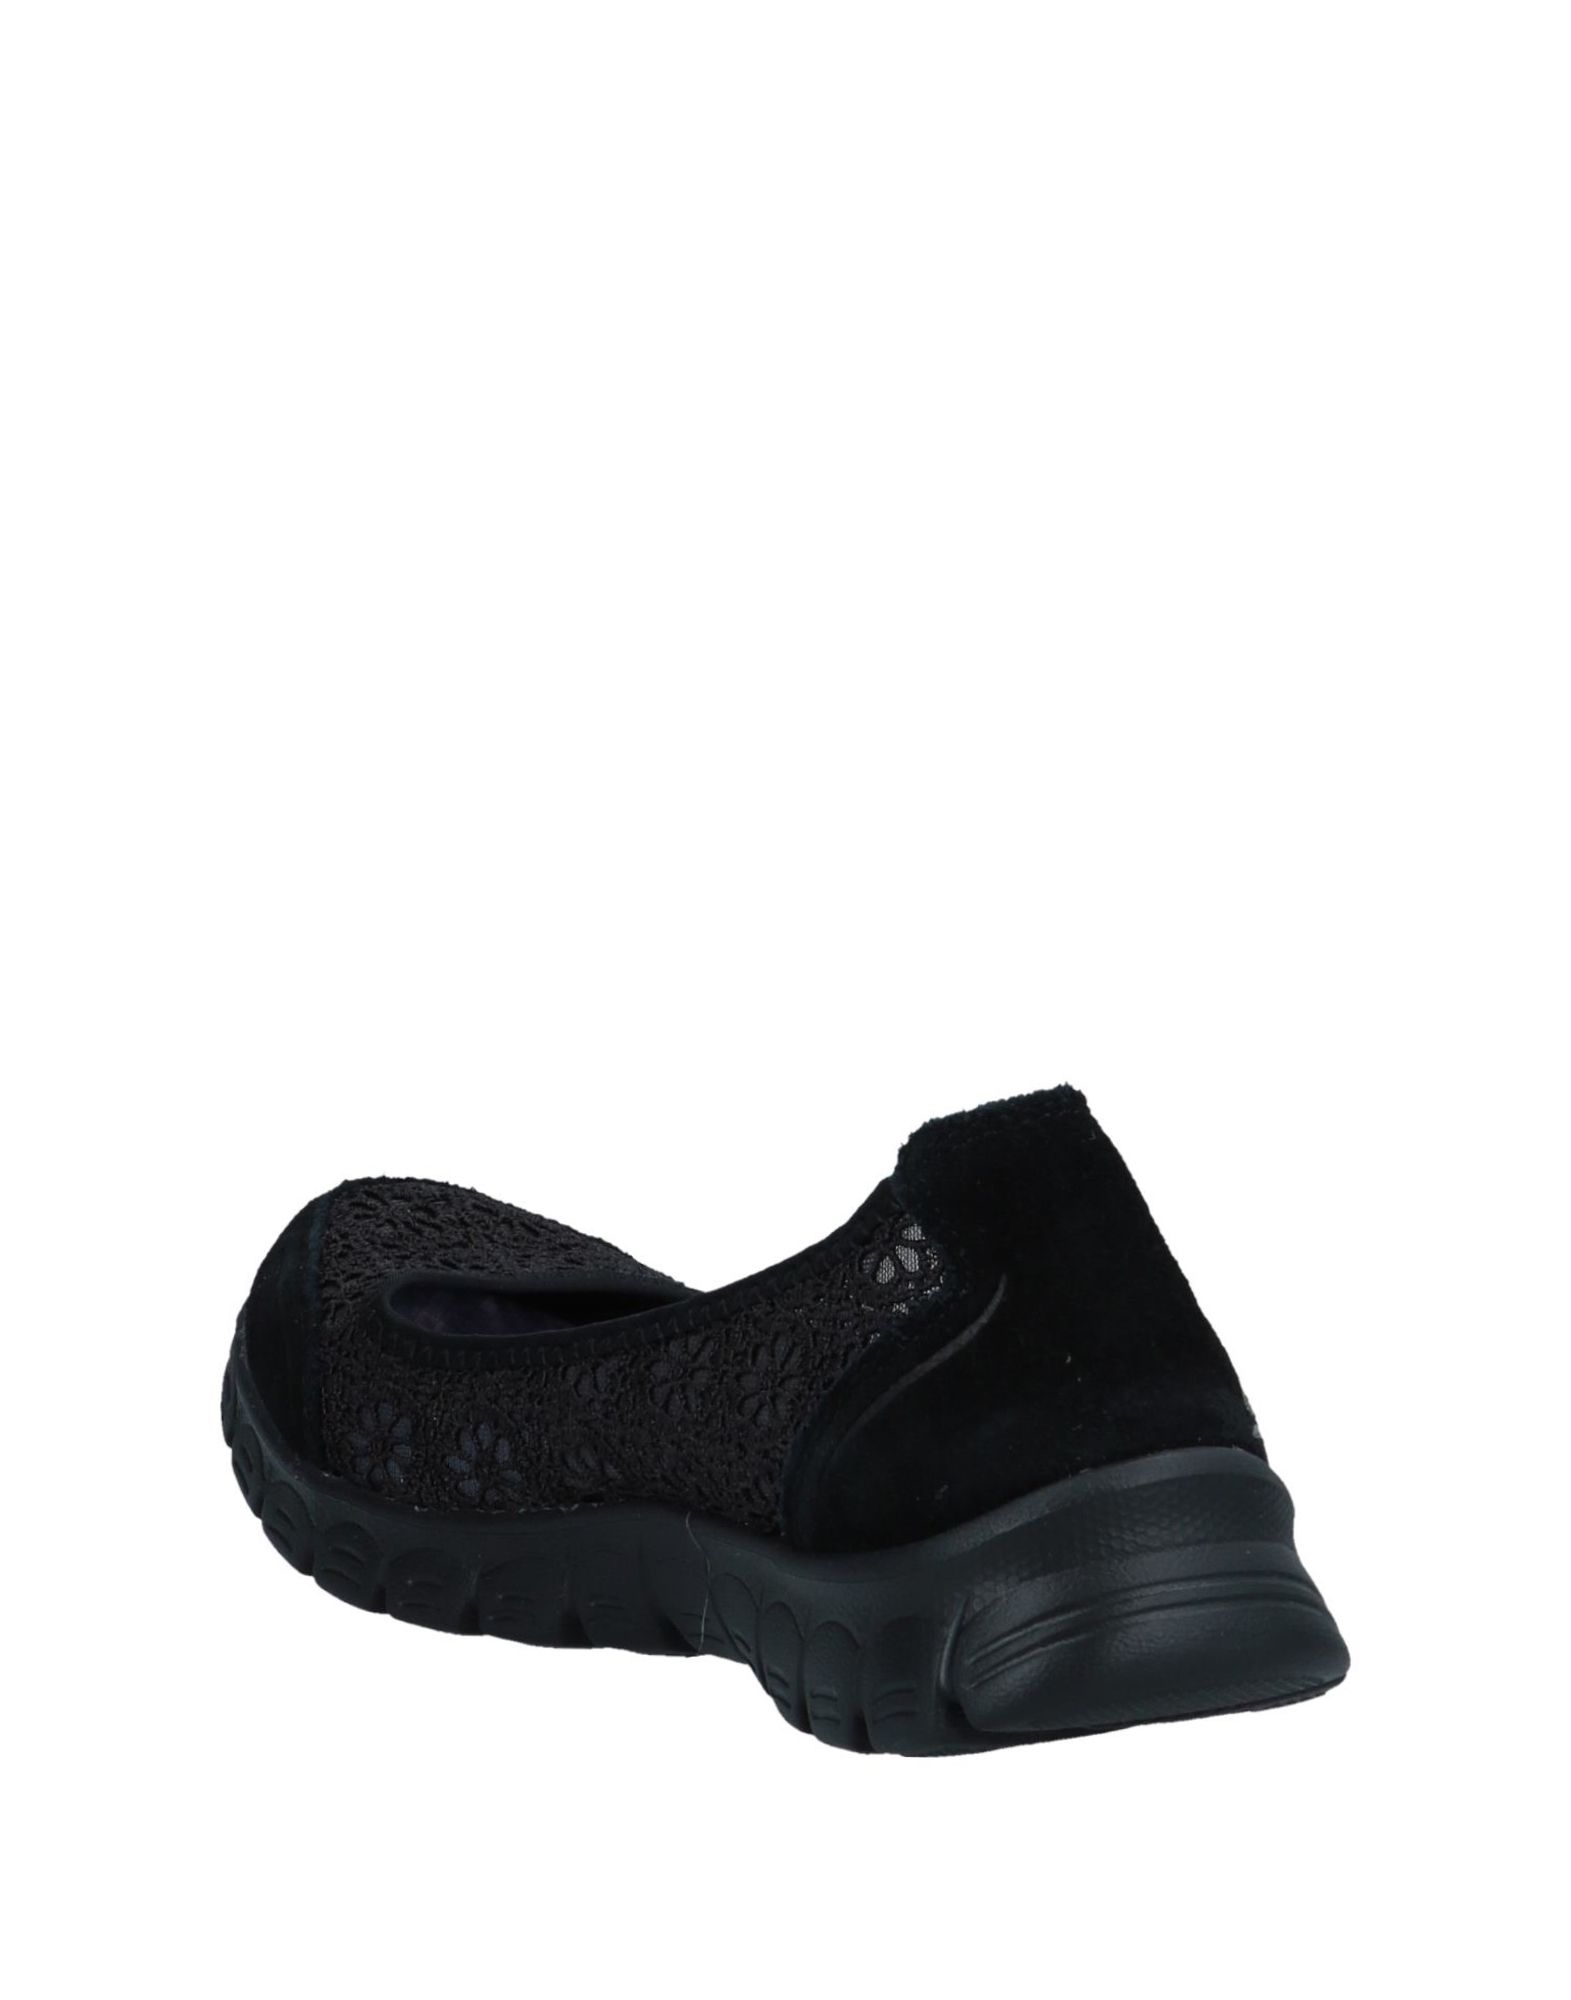 Ballerine Ballerine Ballerine Skechers Donna - 11427344KD a75a41